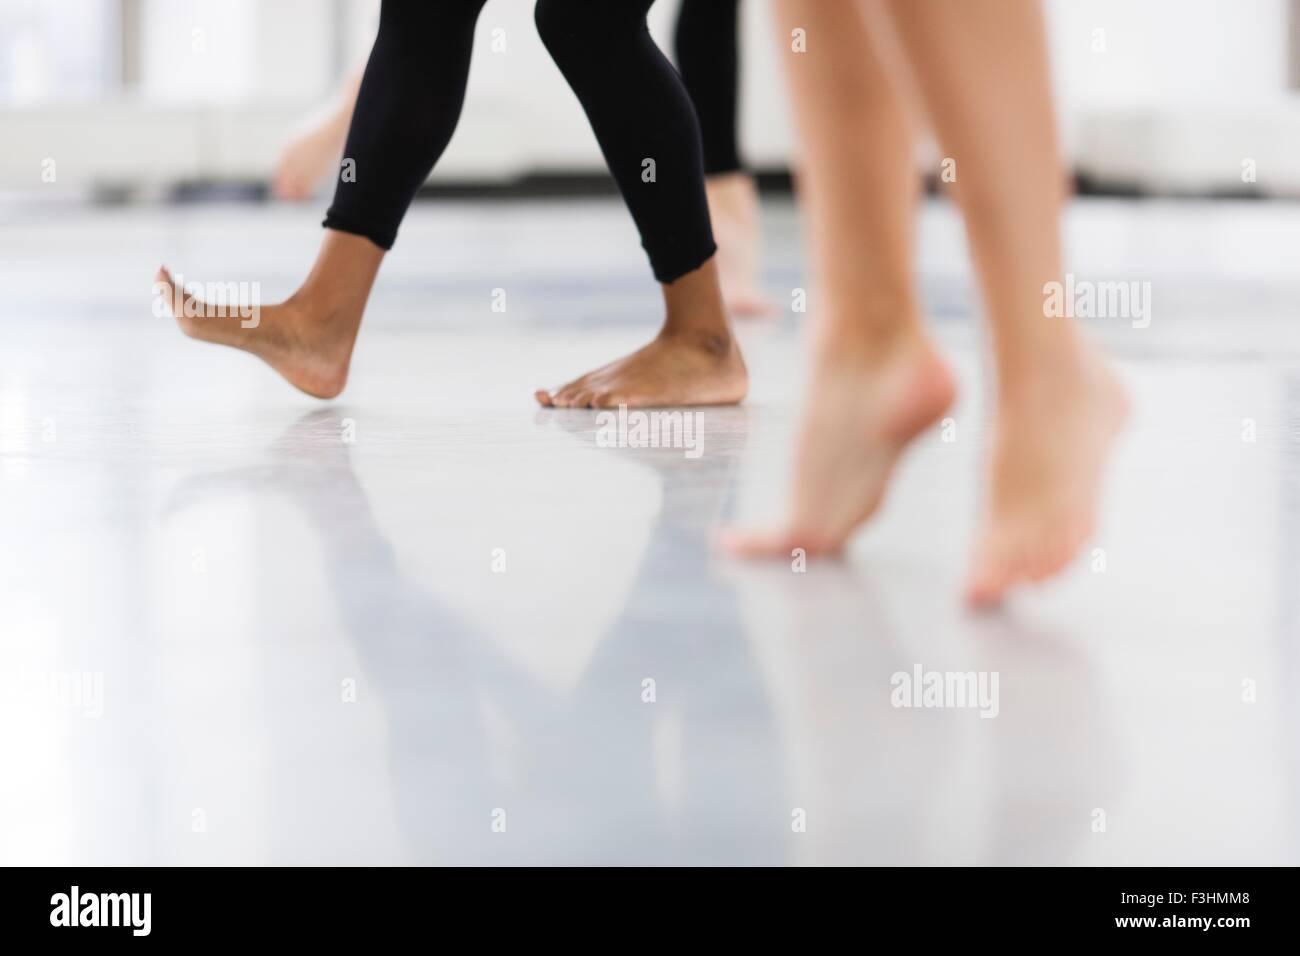 Gambe e piedi nudi di donne giovani ballerini danzare Immagini Stock